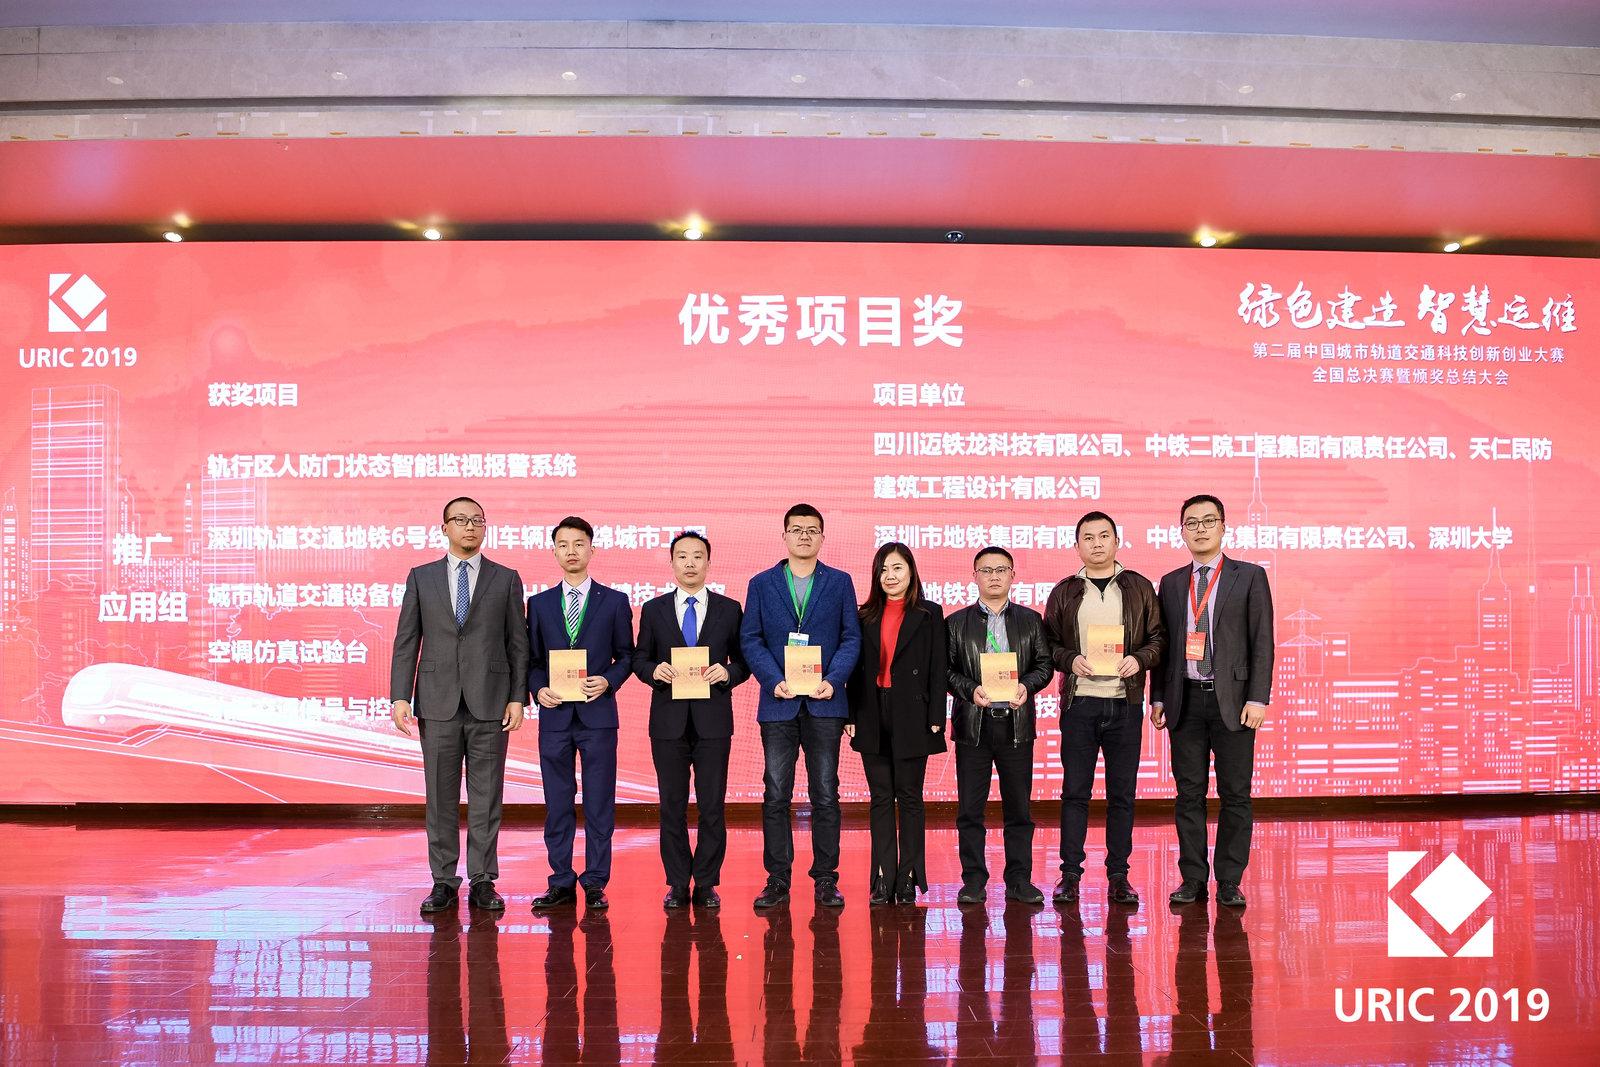 机电中心两个创新项目获得中国城市轨道交通科技创新创业大赛奖项1.jpg